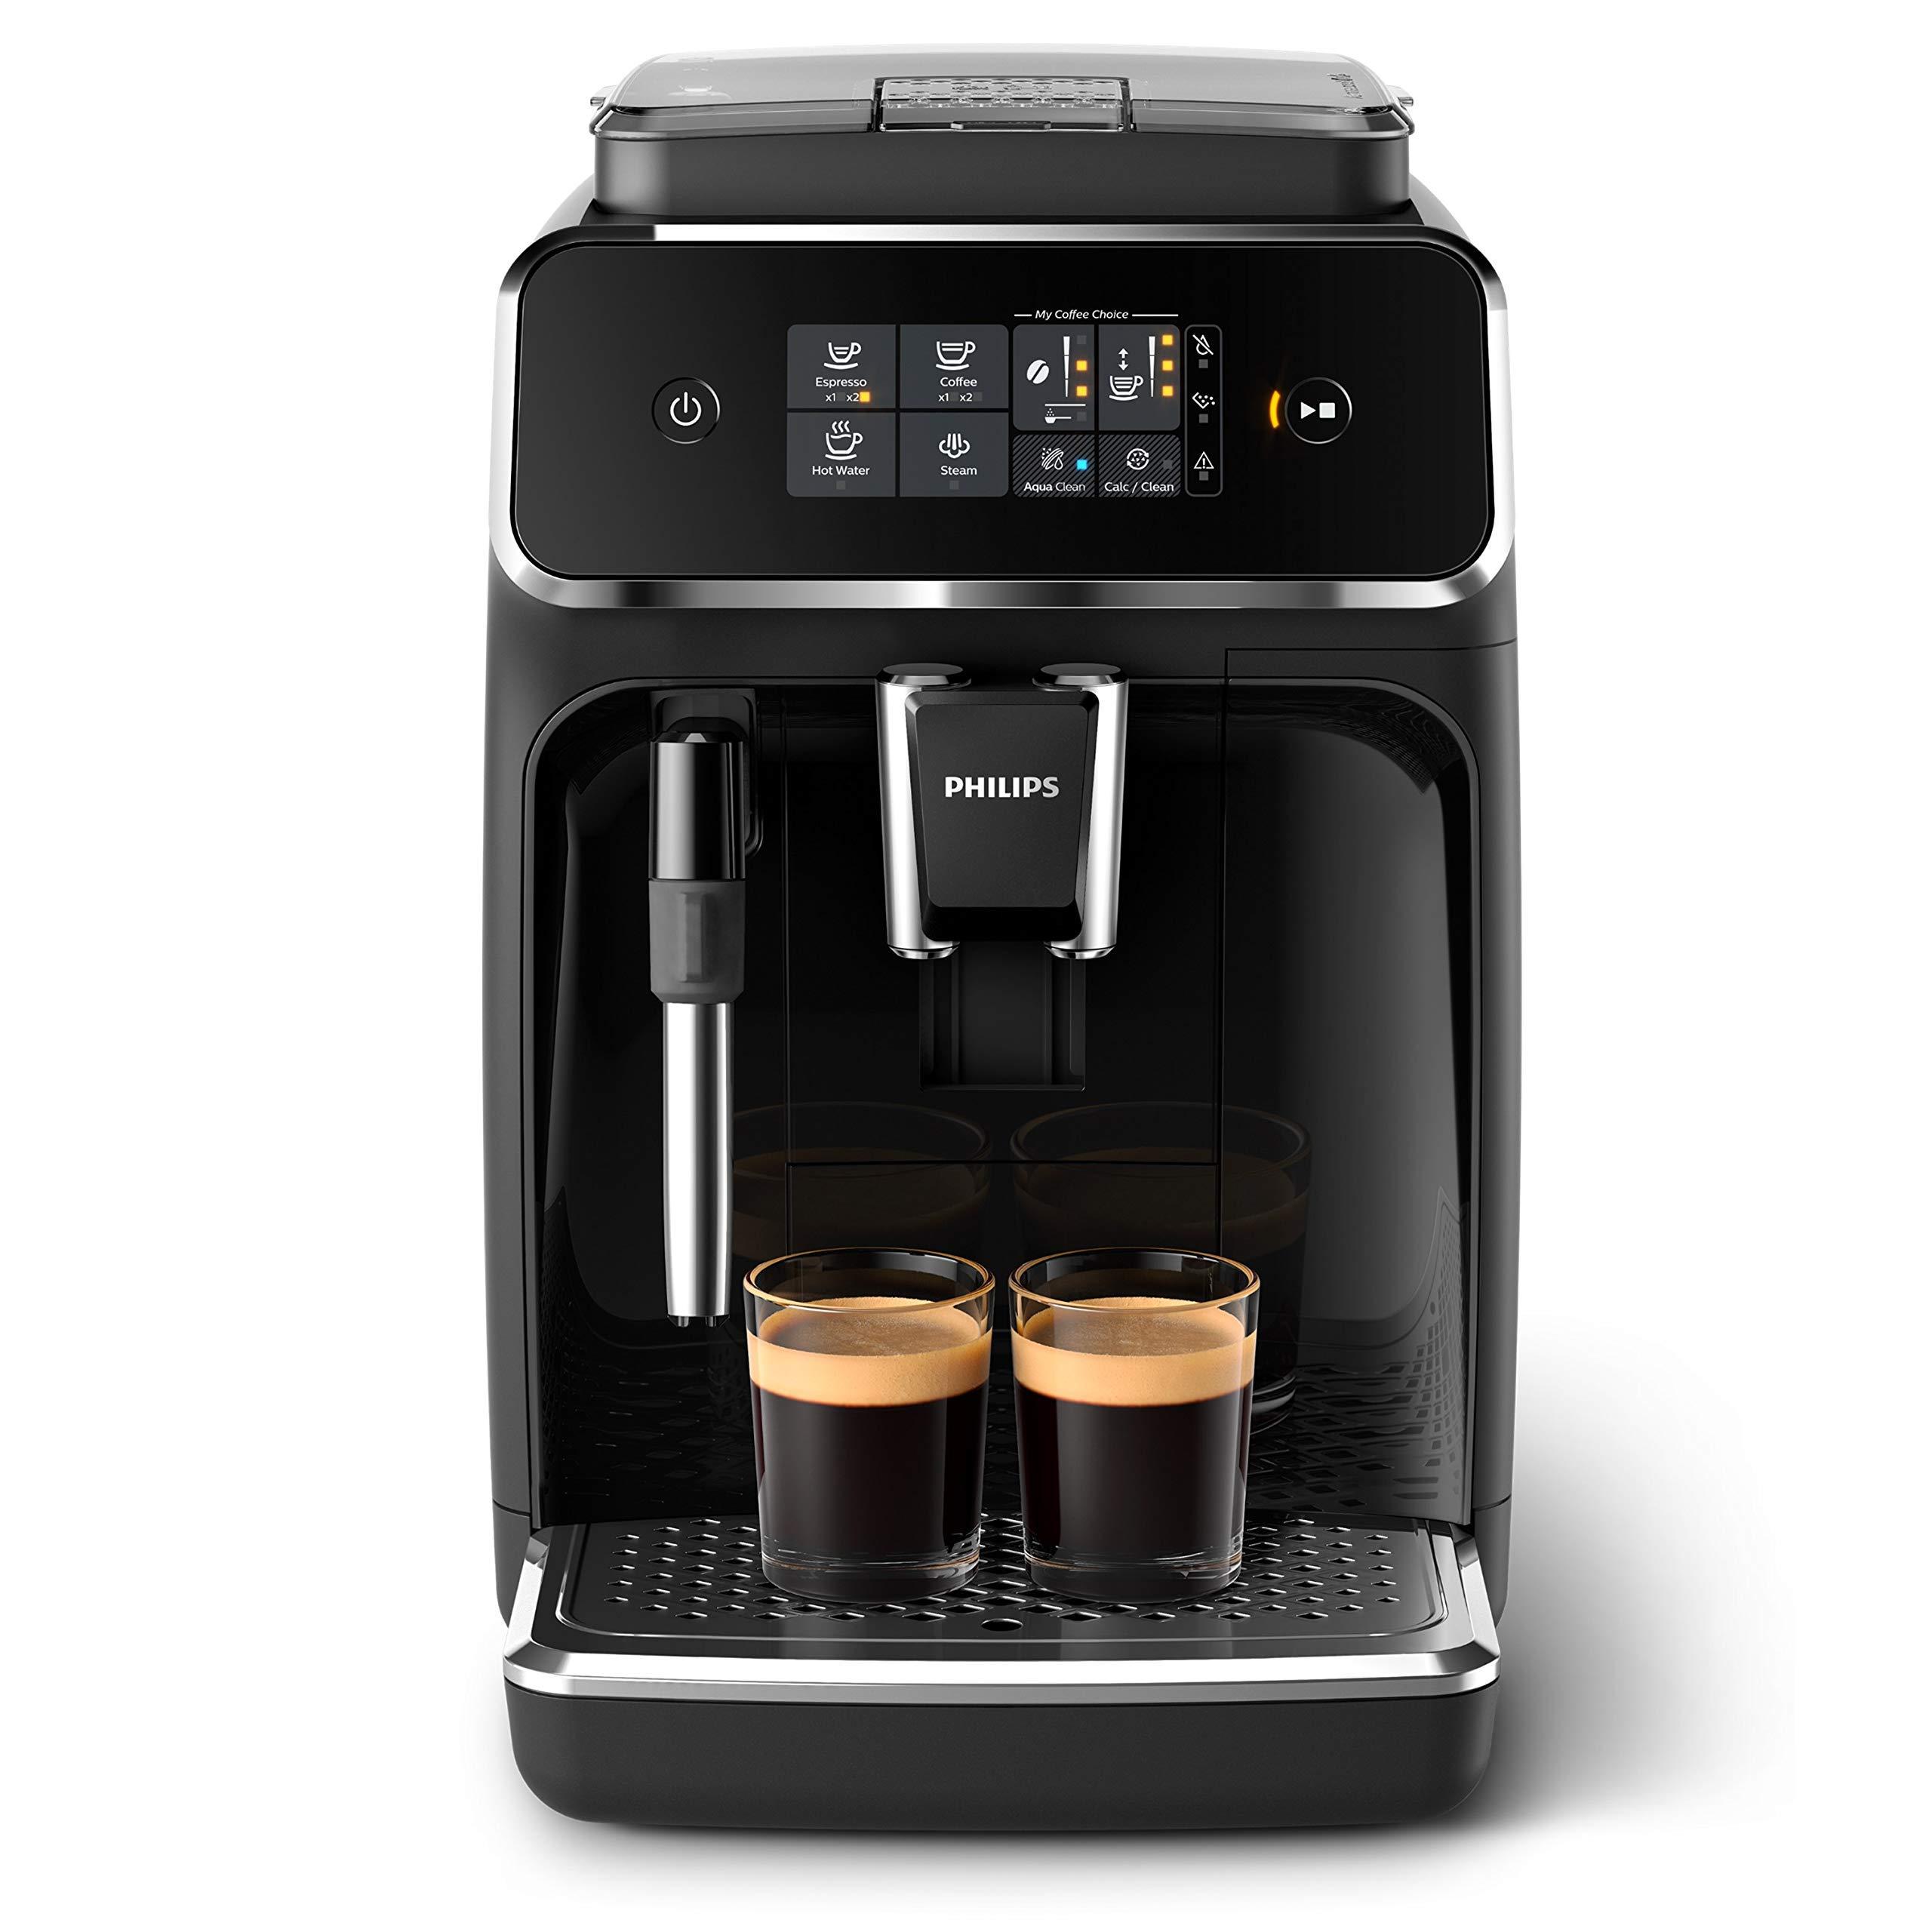 Philips Cafetera Espresso, color negro mate: Amazon.es: Hogar